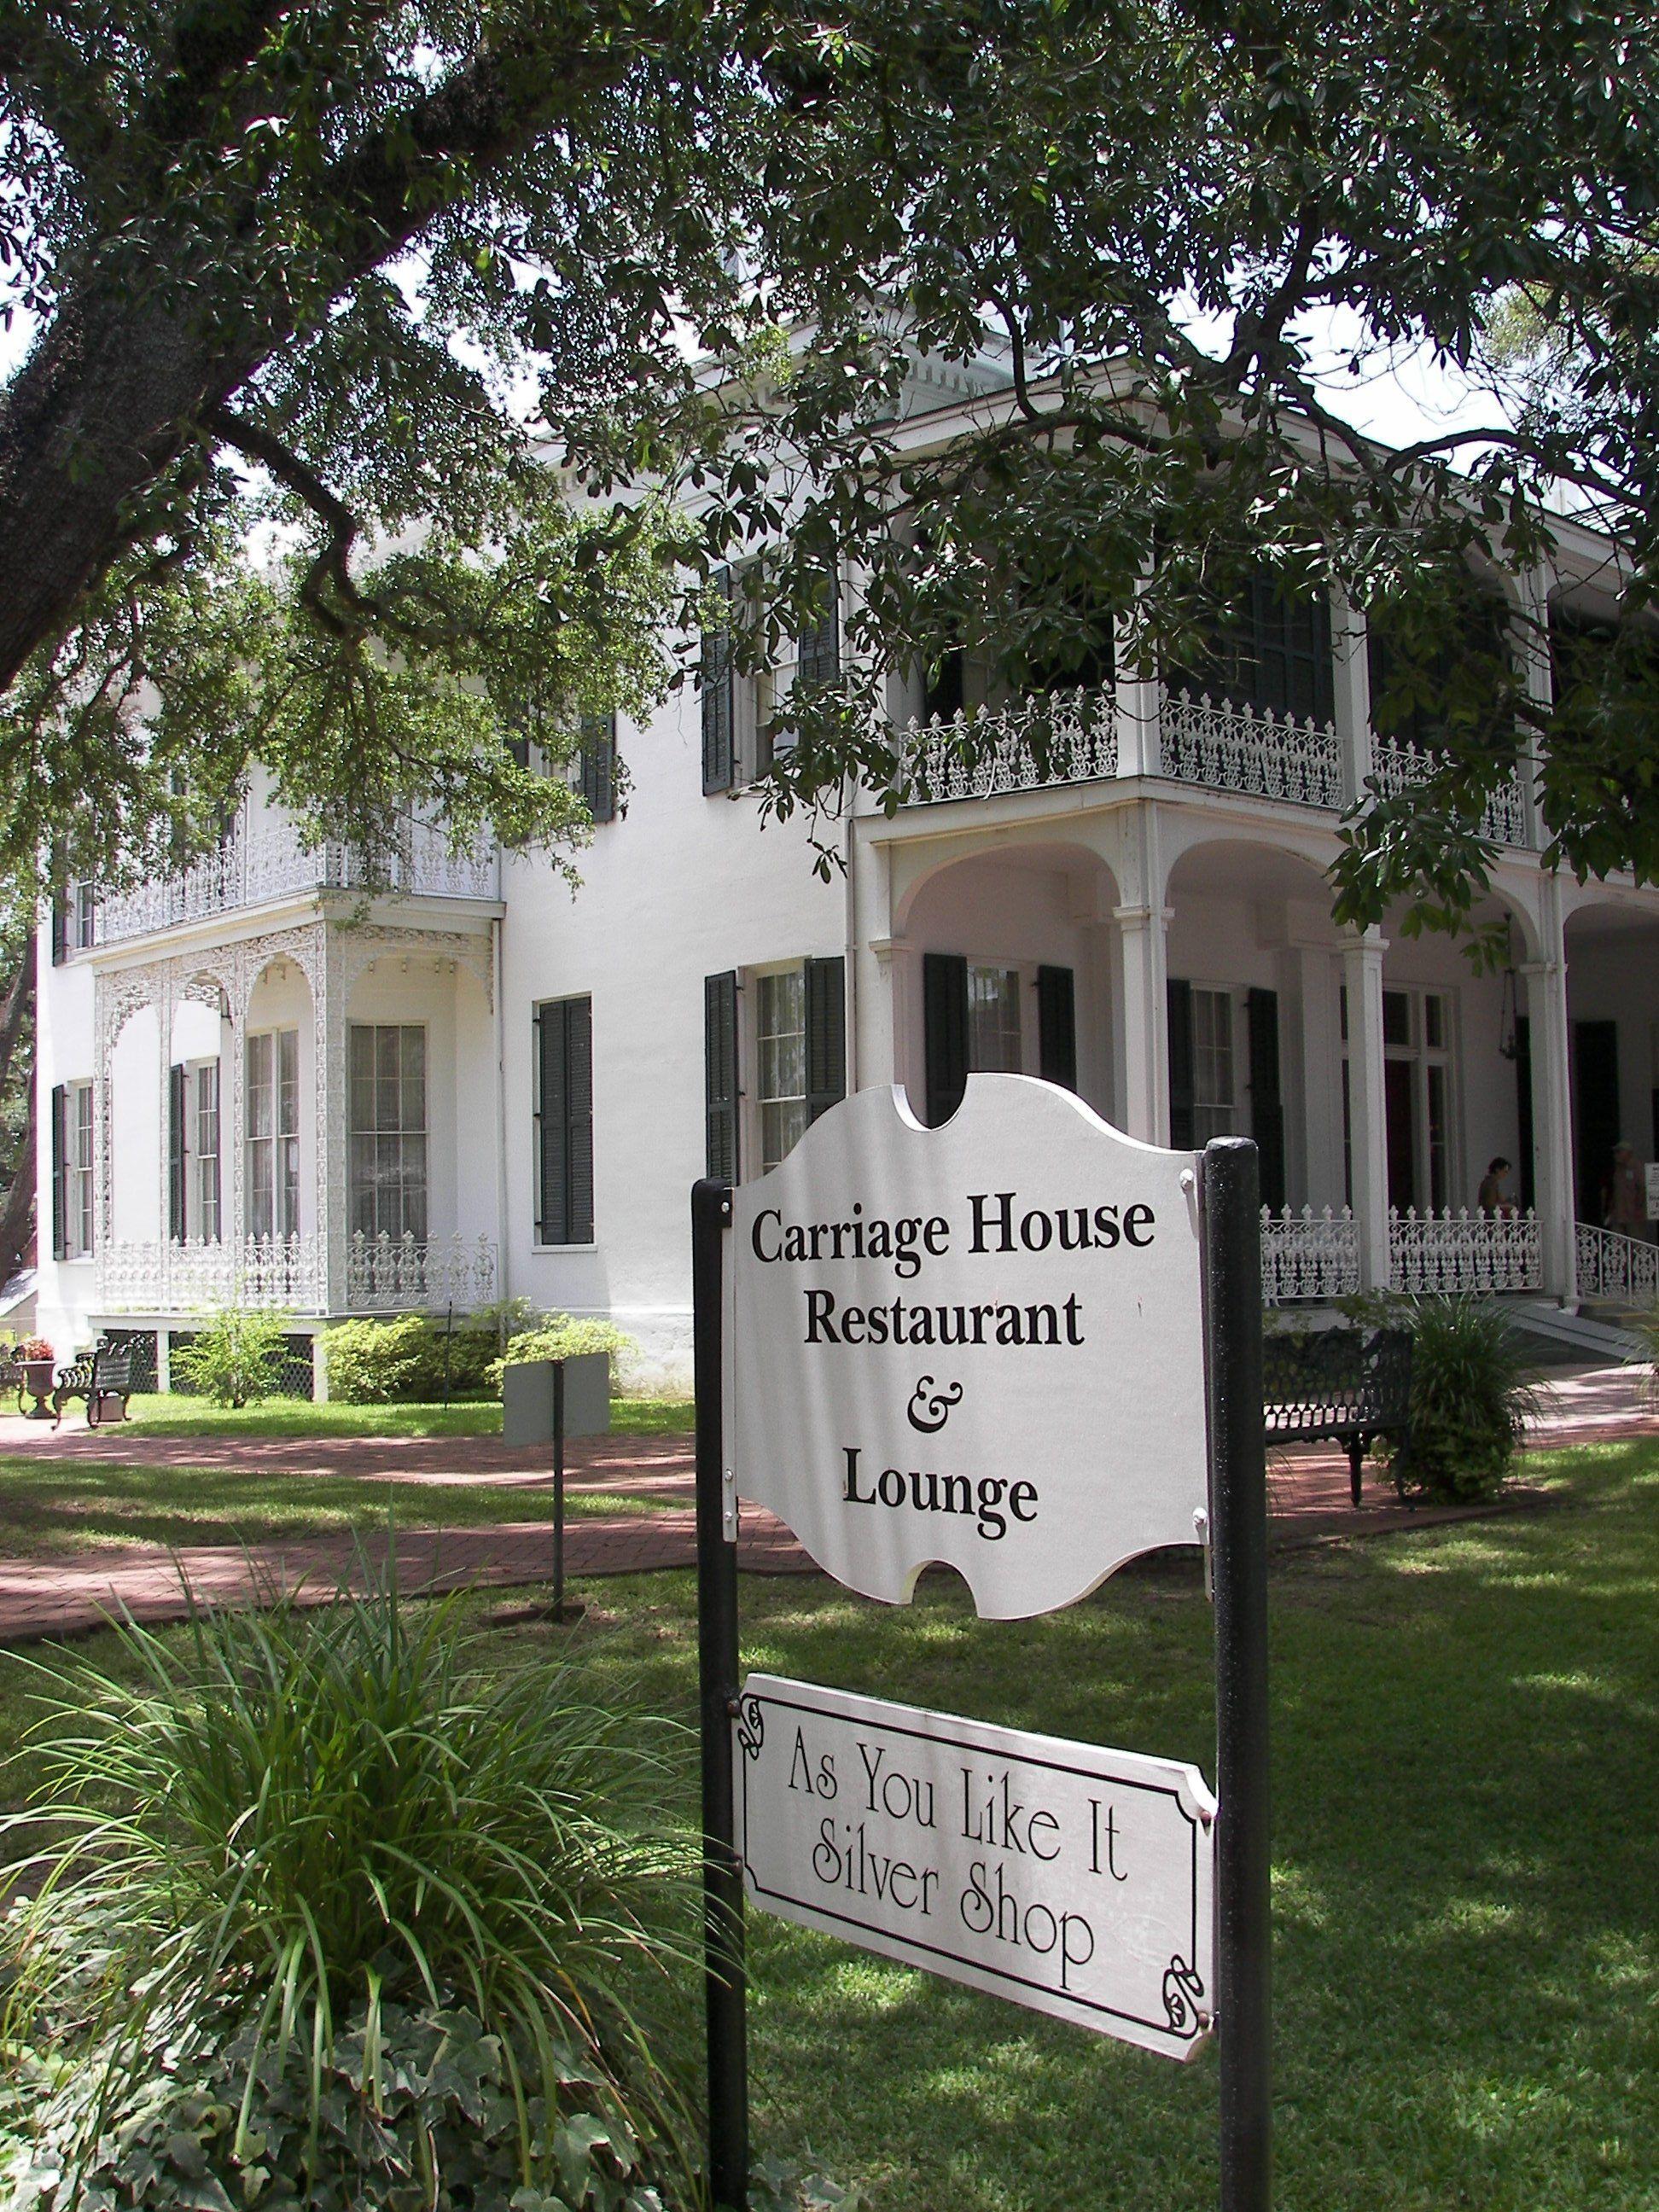 Carriage House Restaurant Carriage House Restaurant Mississippi Travel Natchez Mississippi